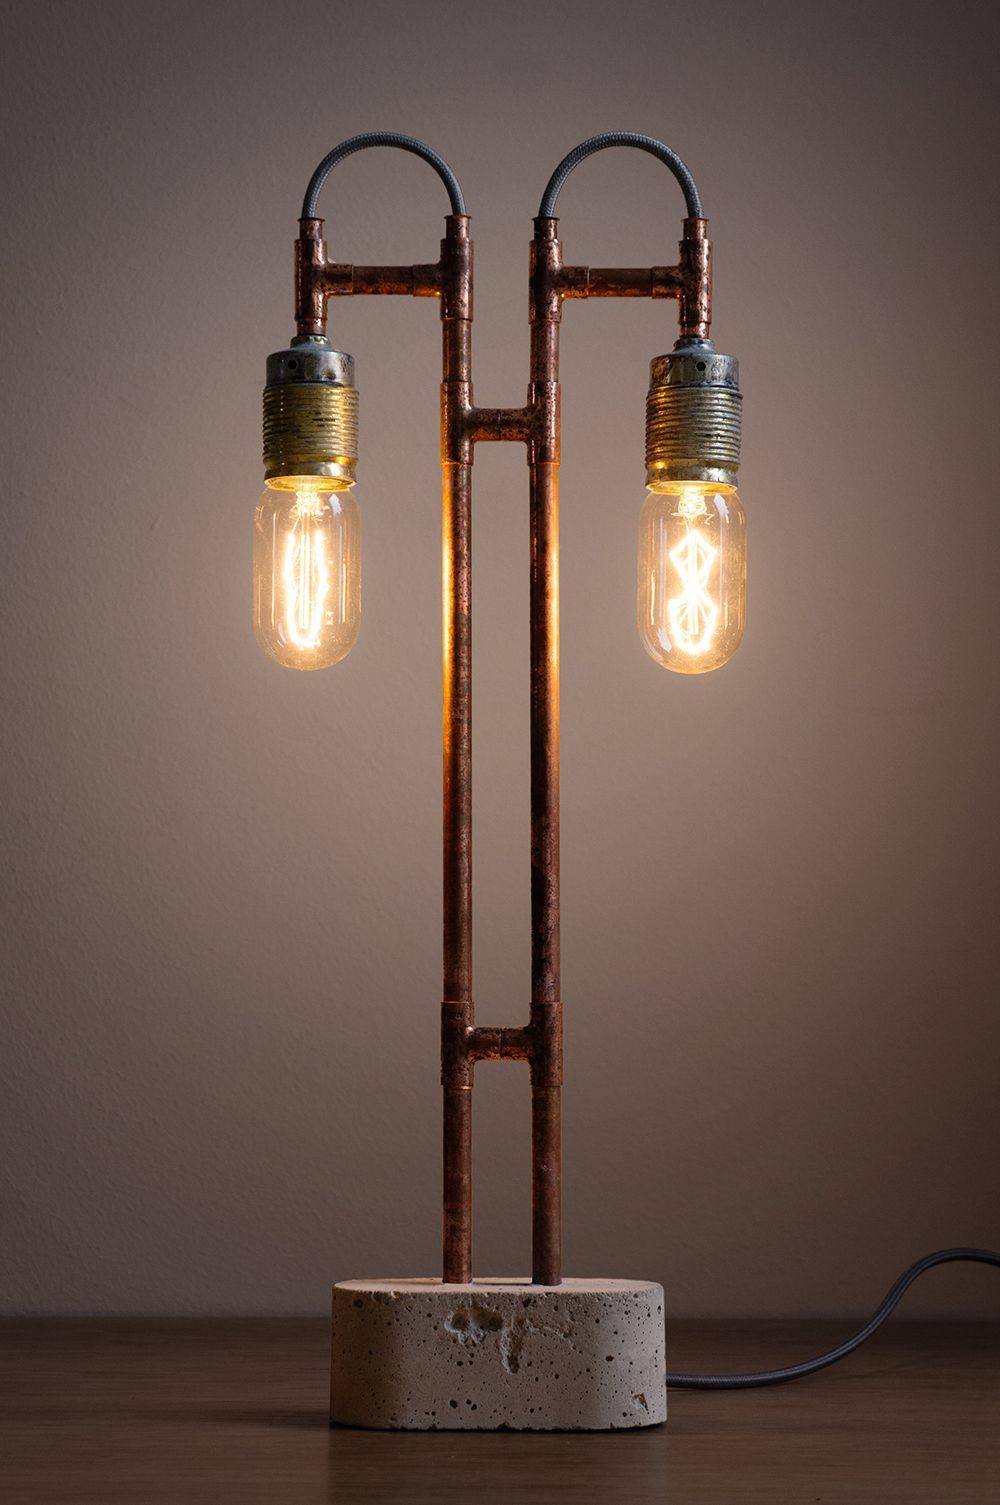 Extreem Industriële lamp gemaakt met koperen buizen en beton #OS78